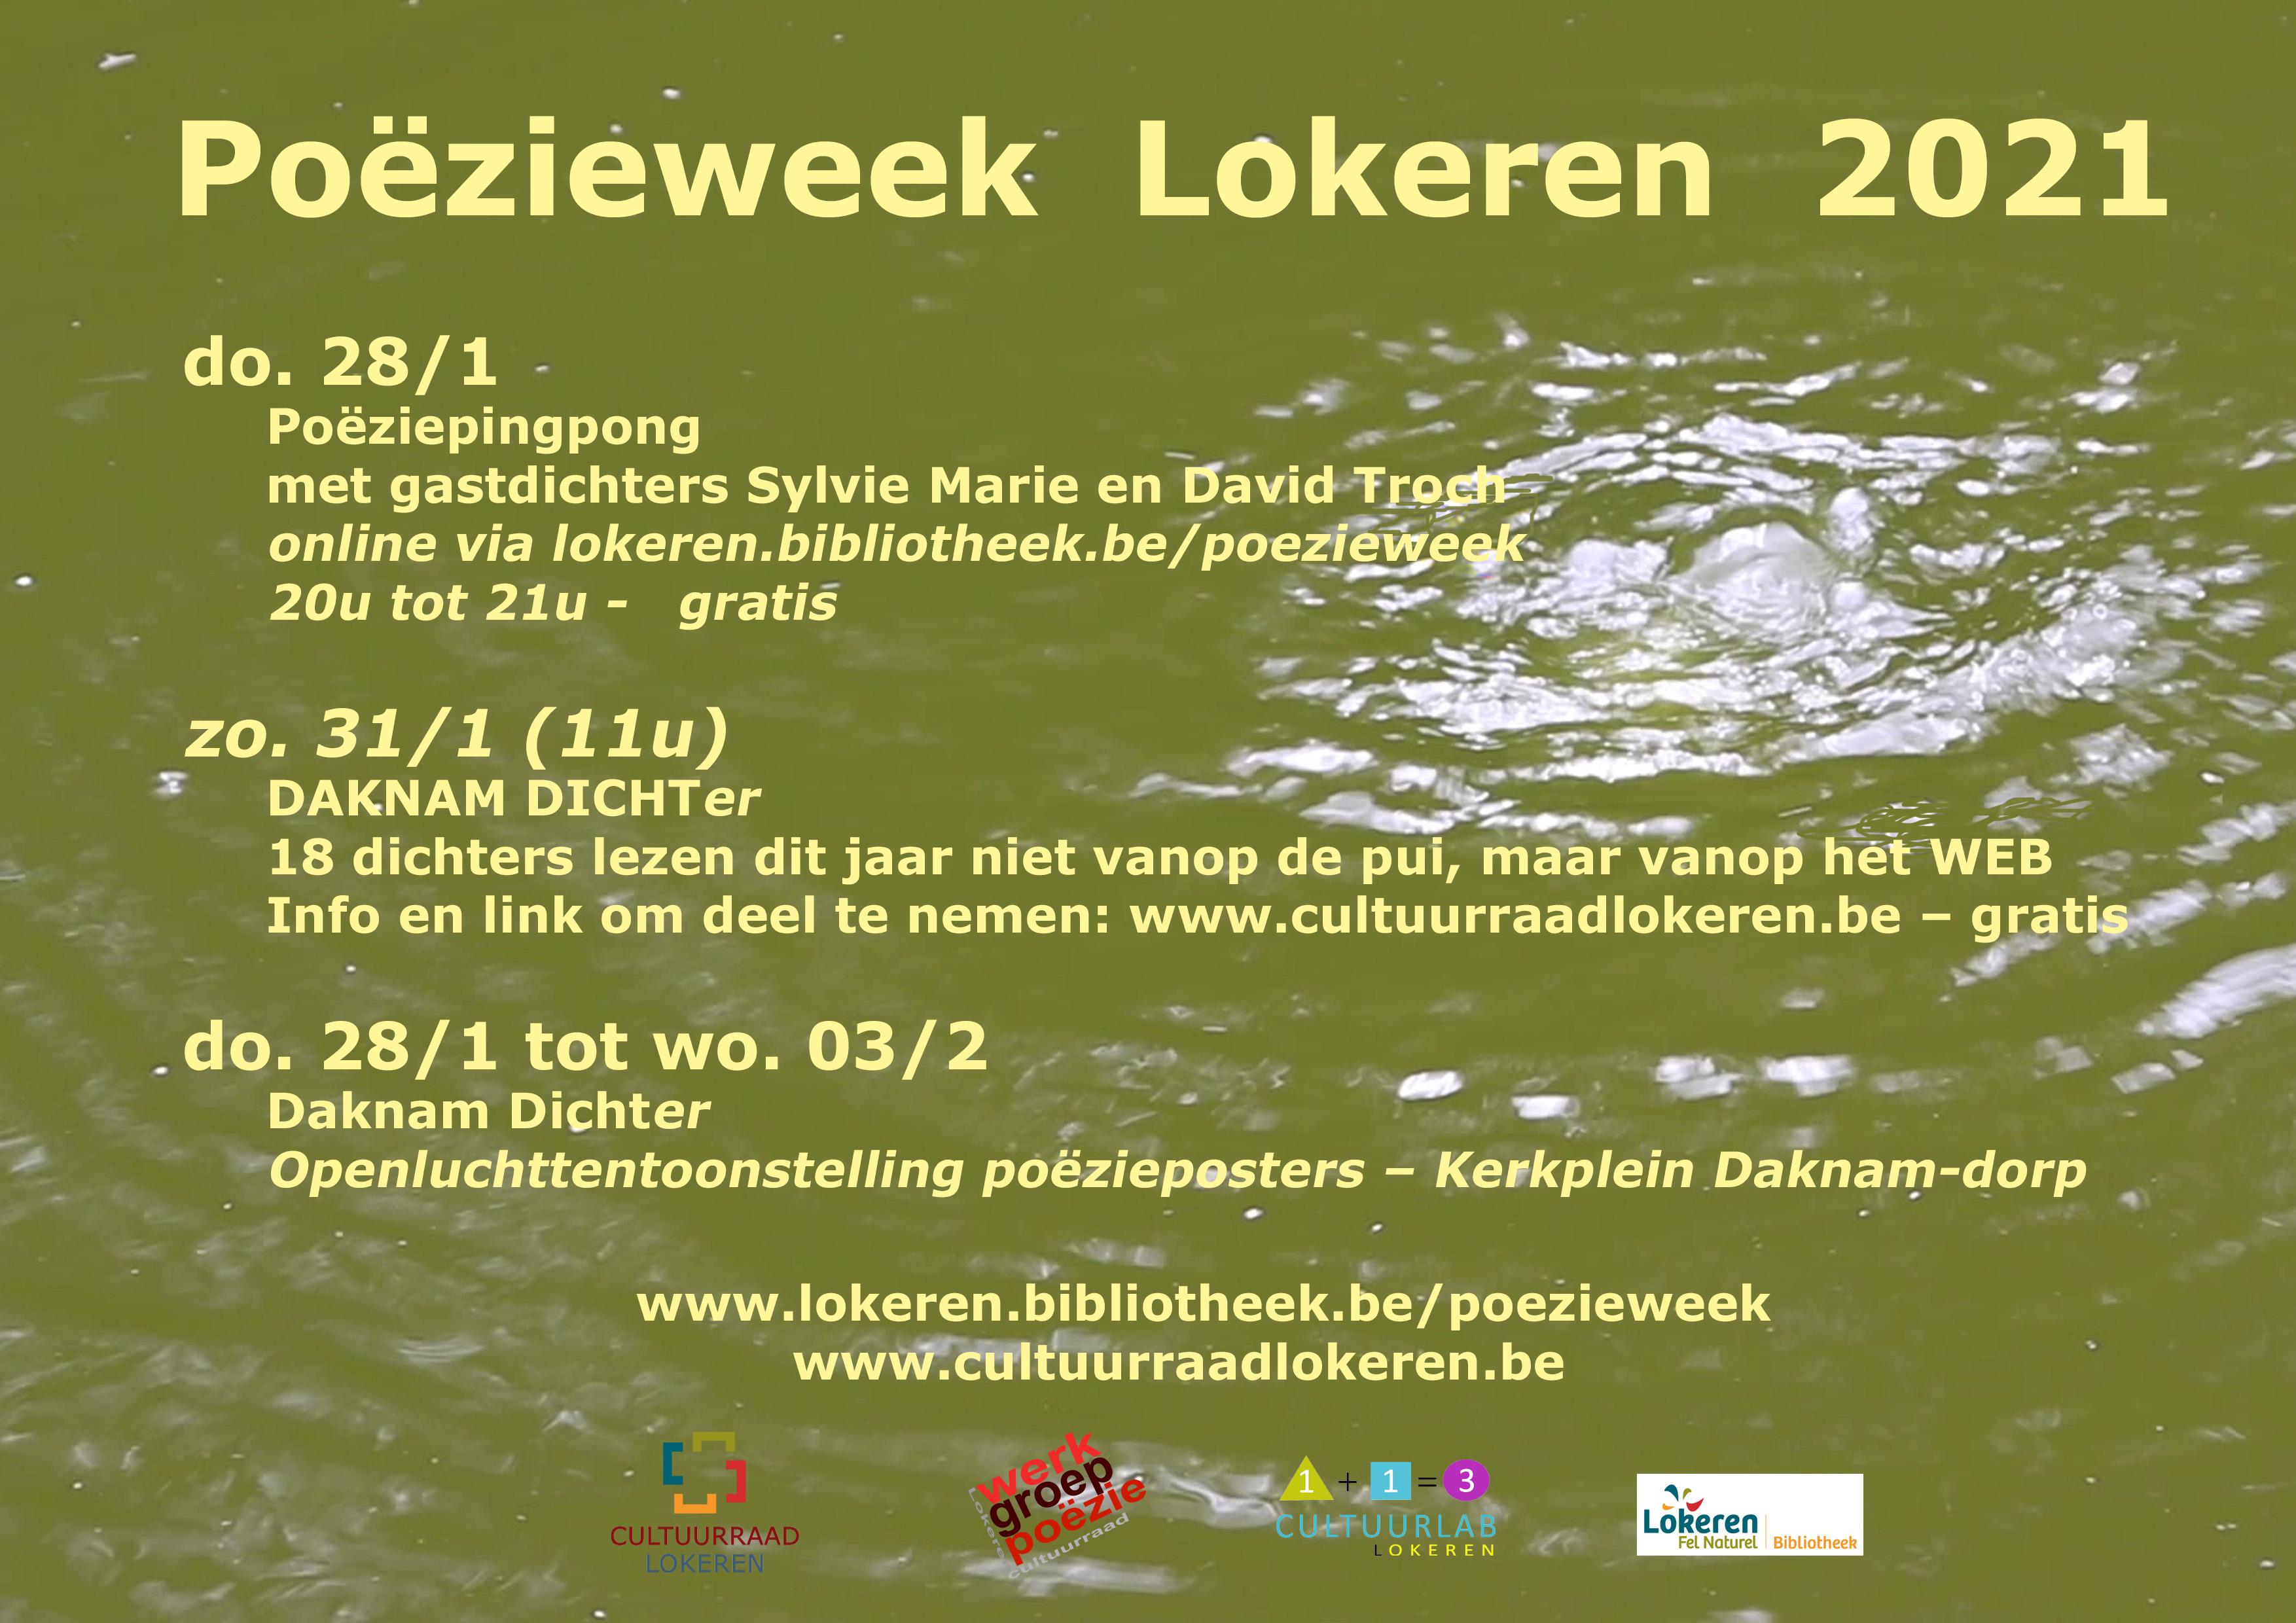 210118 MJoly_poezieweek 2021 flyer (00D)